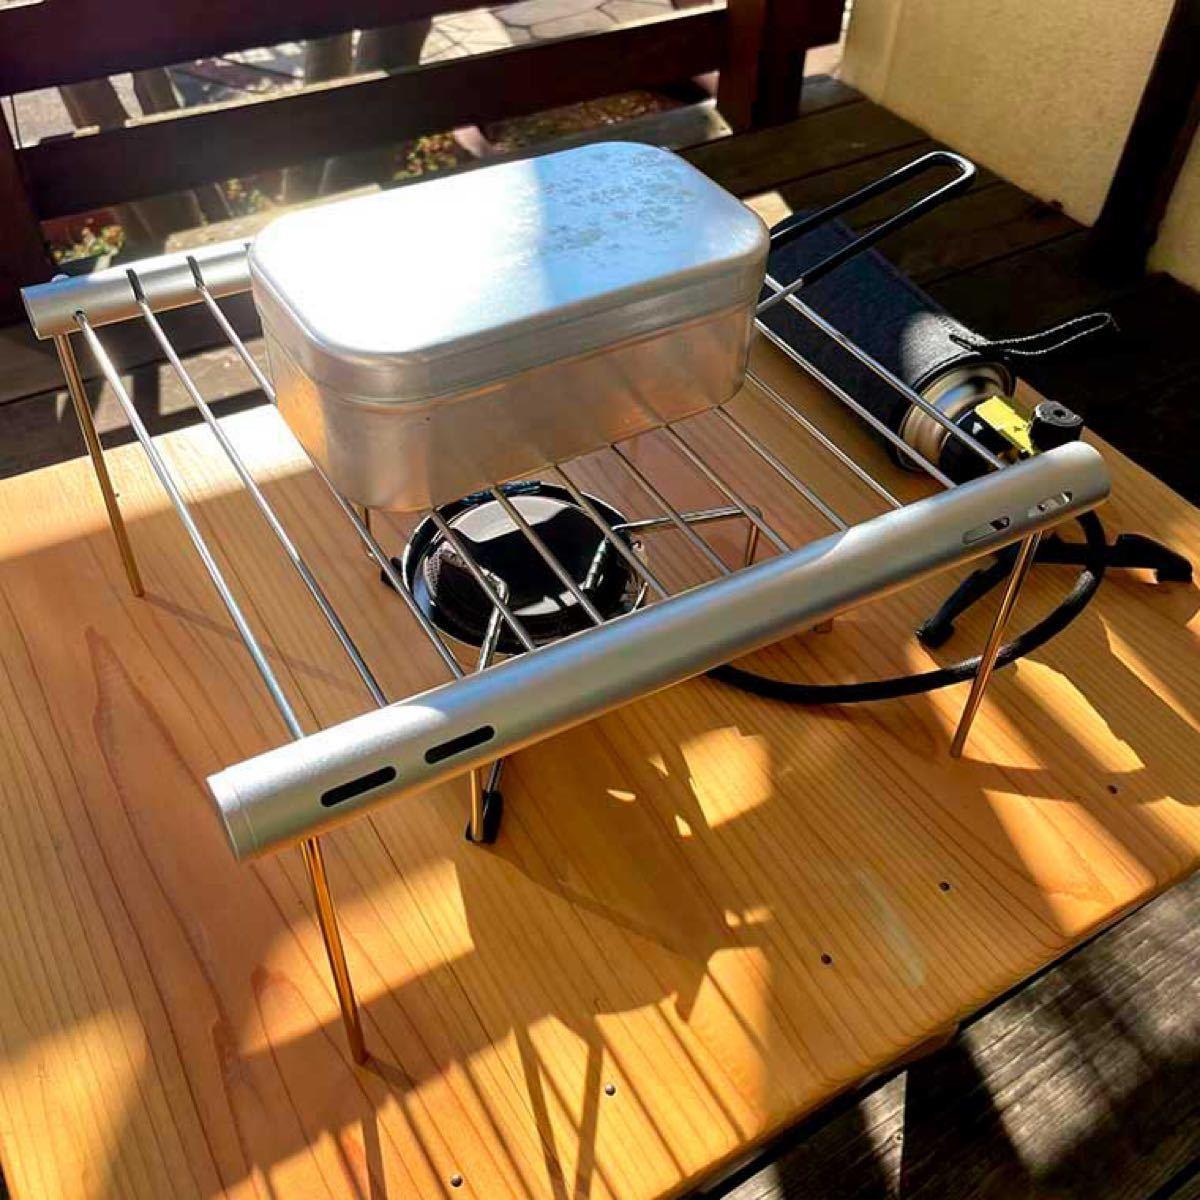 バーナー用ゴトク コンパクト収納 スティックタイプ キャンプ 料理